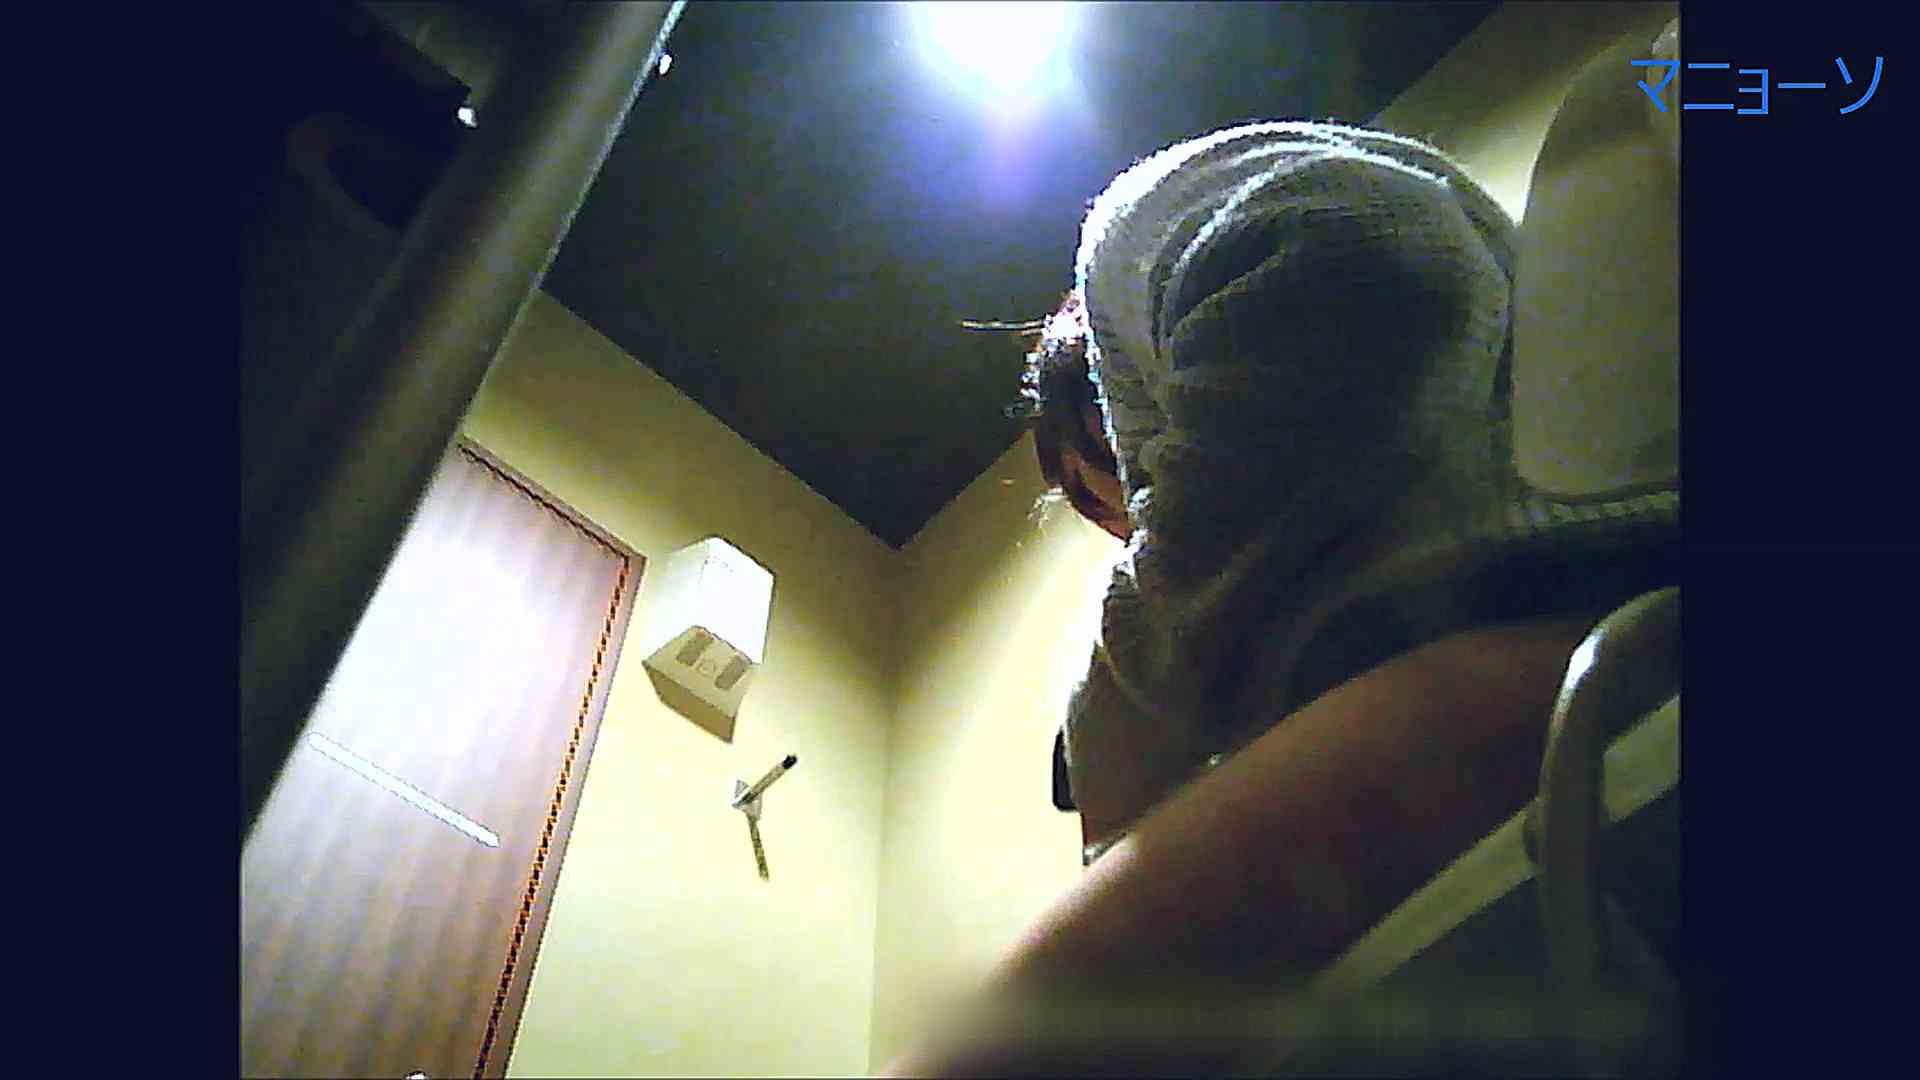 トイレでひと肌脱いでもらいました (OL編)Vol.14 盛合せ オメコ動画キャプチャ 109画像 80